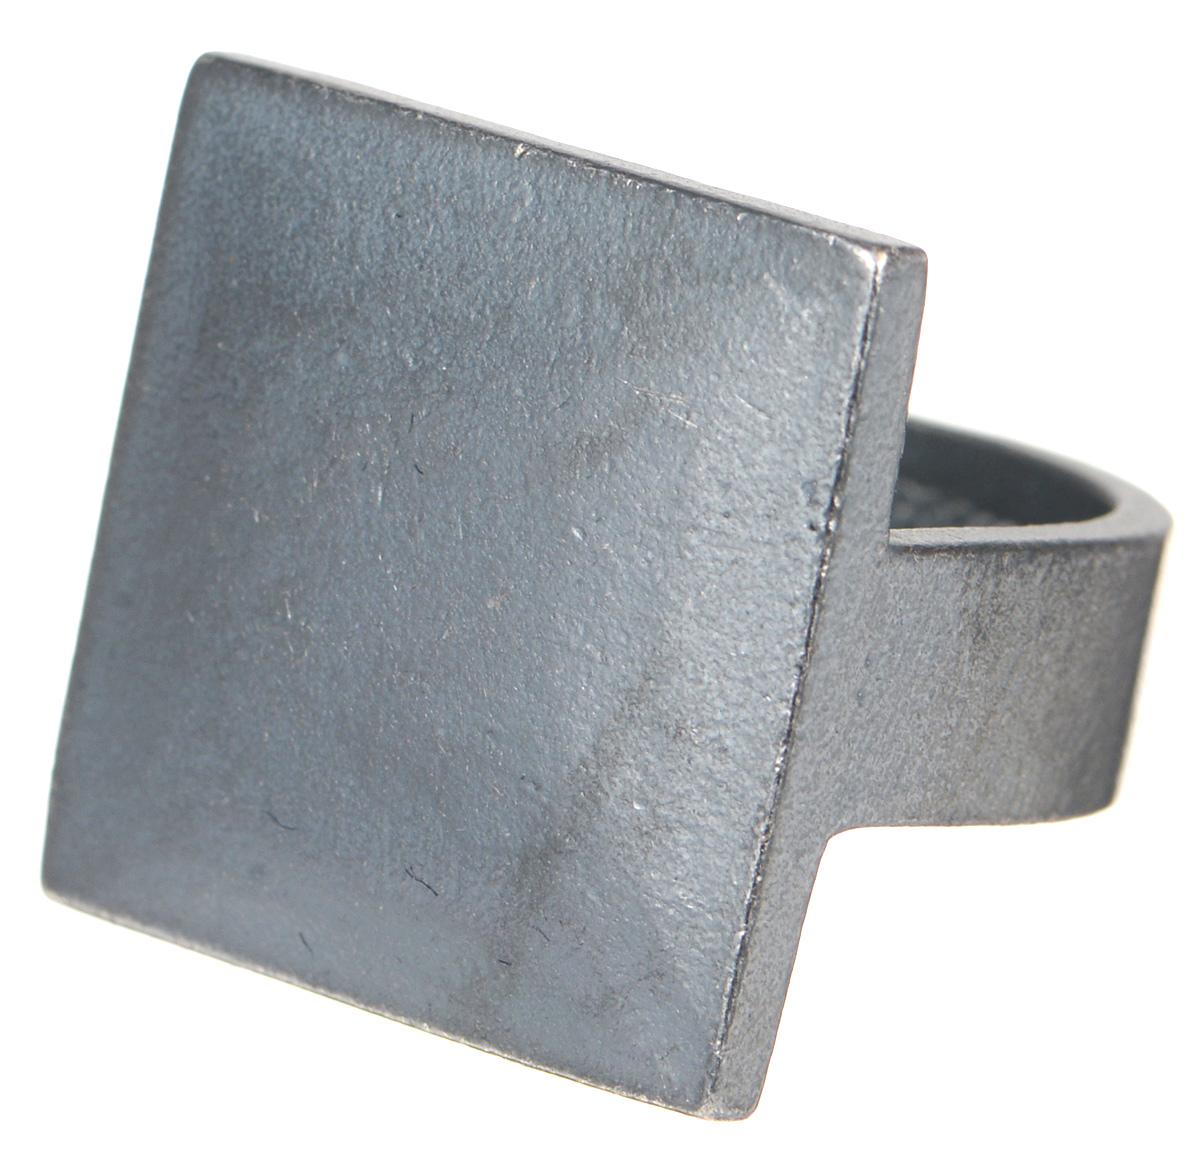 Кольцо Jenavi Mona. Хото, цвет: серый. k480o090. Размер 17k480o090Оригинальное кольцо от Jenavi Mona. Хото изготовлено из качественного металла с покрытием из черного оксида. Декоративная часть изделия выполнена в форме квадрата. Кольцо дополнено тисненой надписью с названием бренда на внутренней стороне. Такое кольцо сделает ваш образ интересным и подчеркнет вашу индивидуальность.